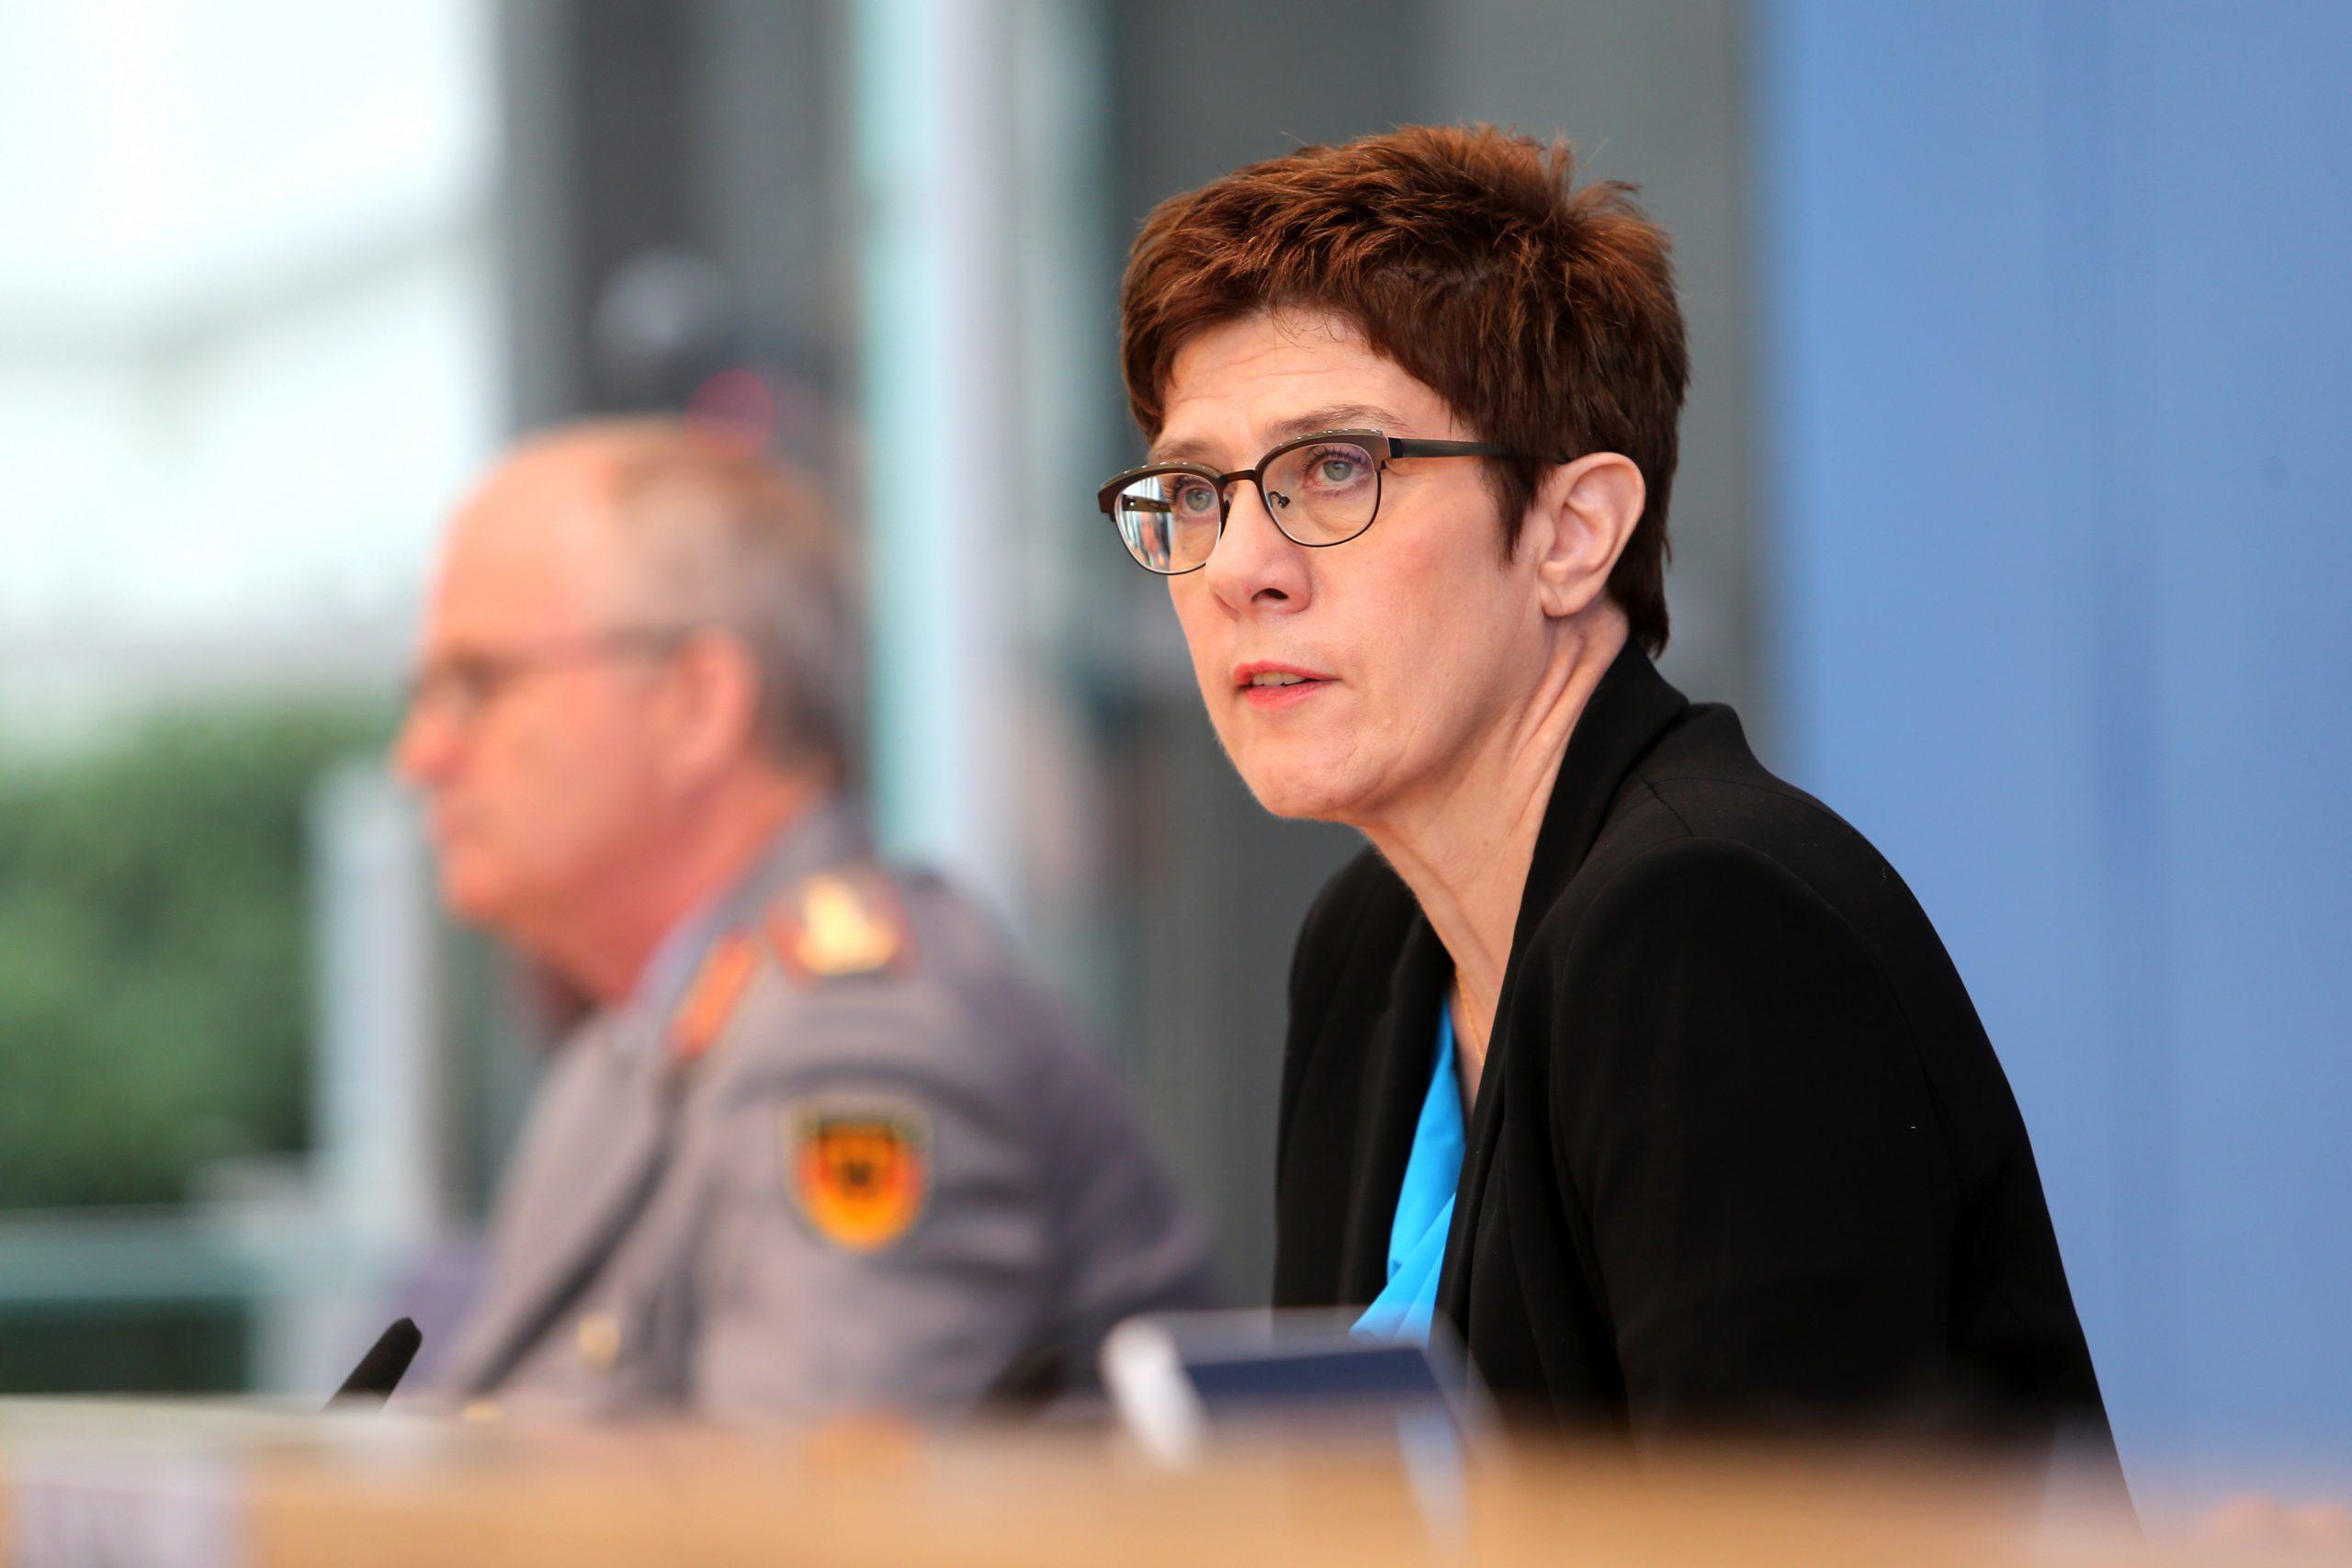 Kramp-Karrenbauer will im Sommer grundsätzlich über die Zukunft der KSK entscheiden